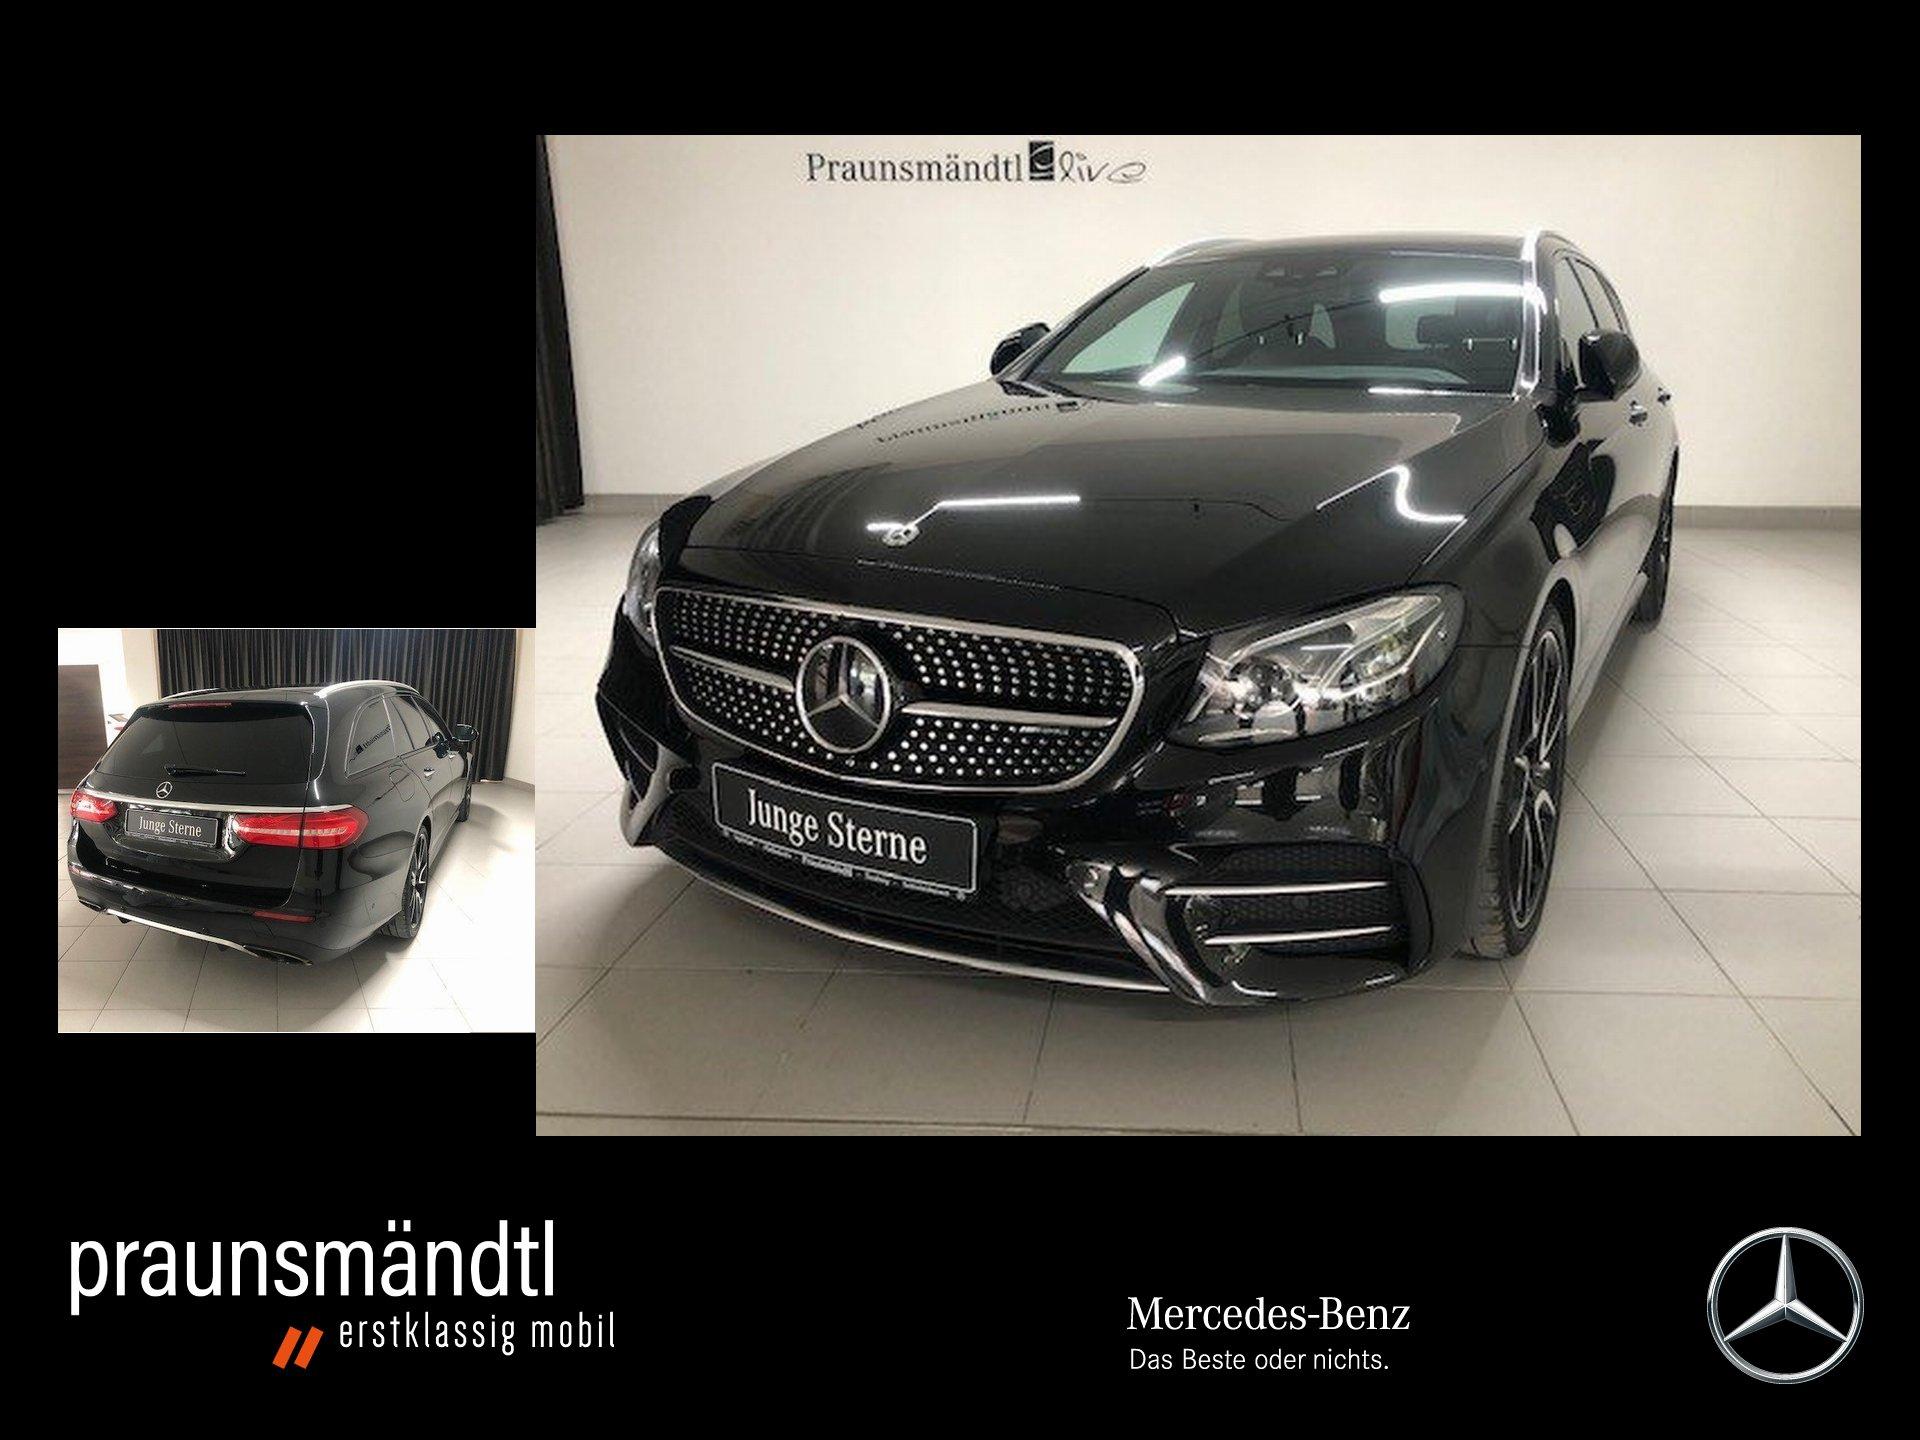 Mercedes-Benz E 43 AMG T 4M Sound/StaHz/Pano/360°/Distr/20/Wid, Jahr 2017, Benzin